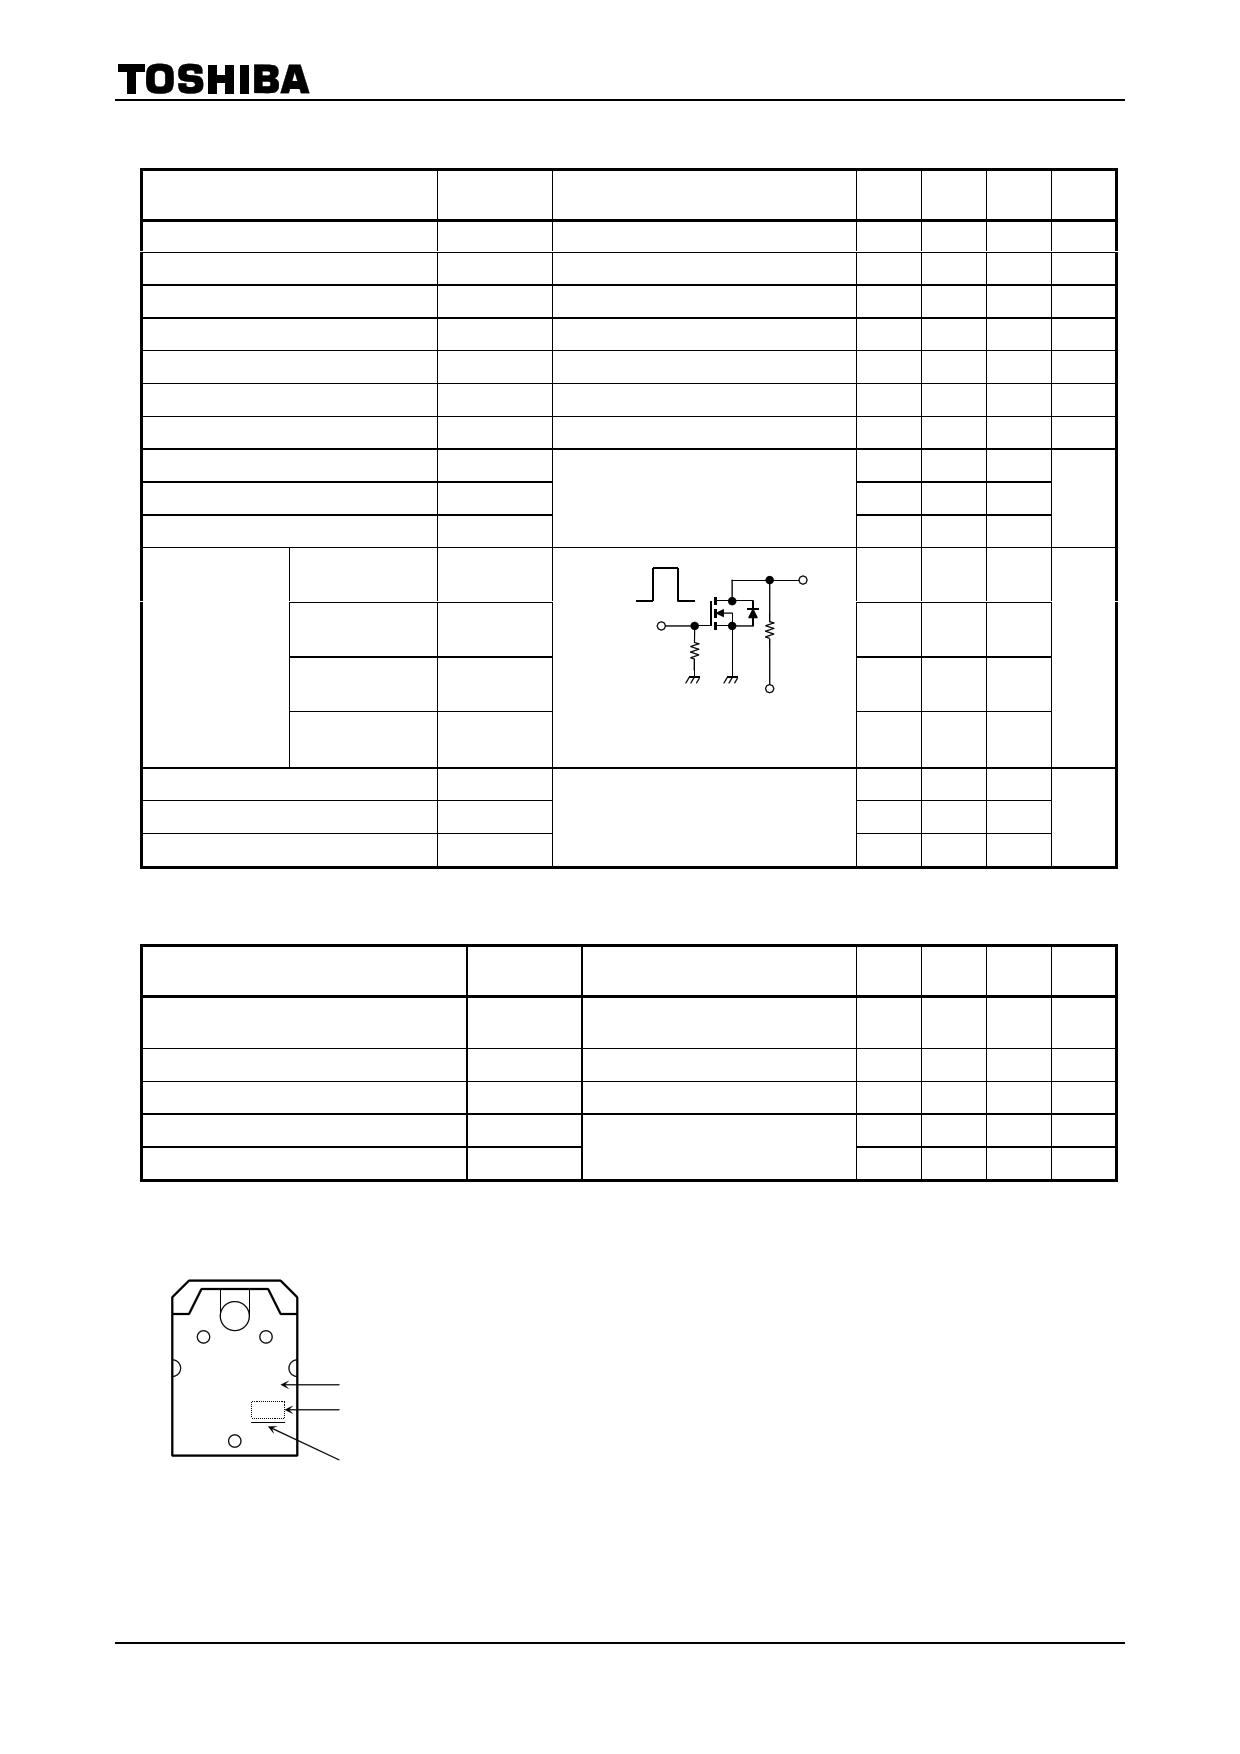 K3911 datasheet pinout